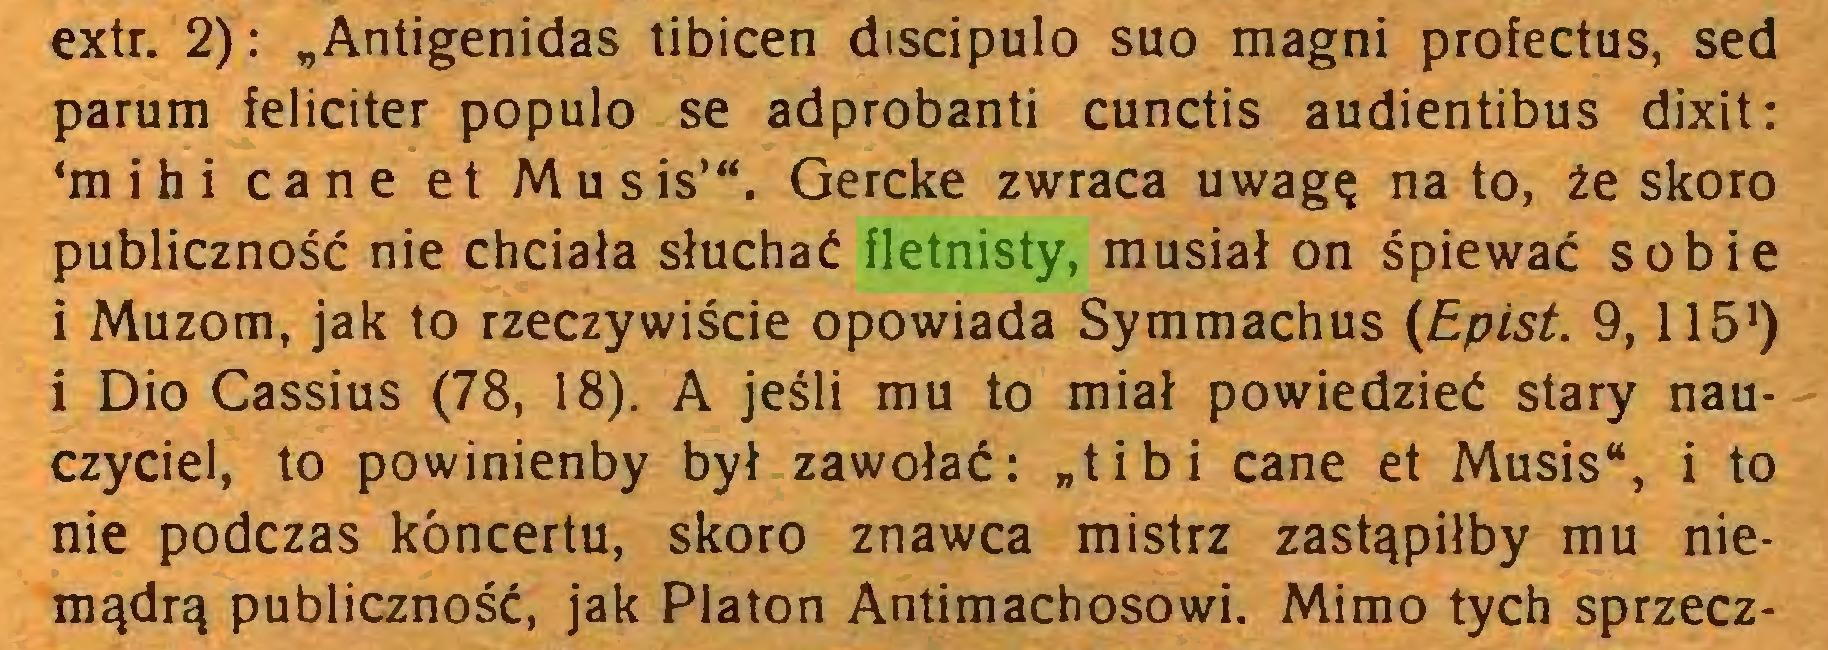 """(...) extr. 2): """"Antigenidas tibicen discípulo suo magni profectus, sed parum féliciter populo se adprobanti cunctis audientibus dixit: 'mihi cane et Musis'"""". Gercke zwraca uwagę na to, że skoro publiczność nie chciała słuchać fletnisty, musiał on śpiewać sobie i Muzom, jak to rzeczywiście opowiada Symmachus (Epist. 9,1151) i Dio Cassius (78, 18). A jeśli mu to miał powiedzieć stary nauczyciel, to powinienby był zawołać: """"tibi cane et Musis"""", i to nie podczas koncertu, skoro znawca mistrz zastąpiłby mu niemądrą publiczność, jak Platon Antimachosowi. Mimo tych sprzecz..."""